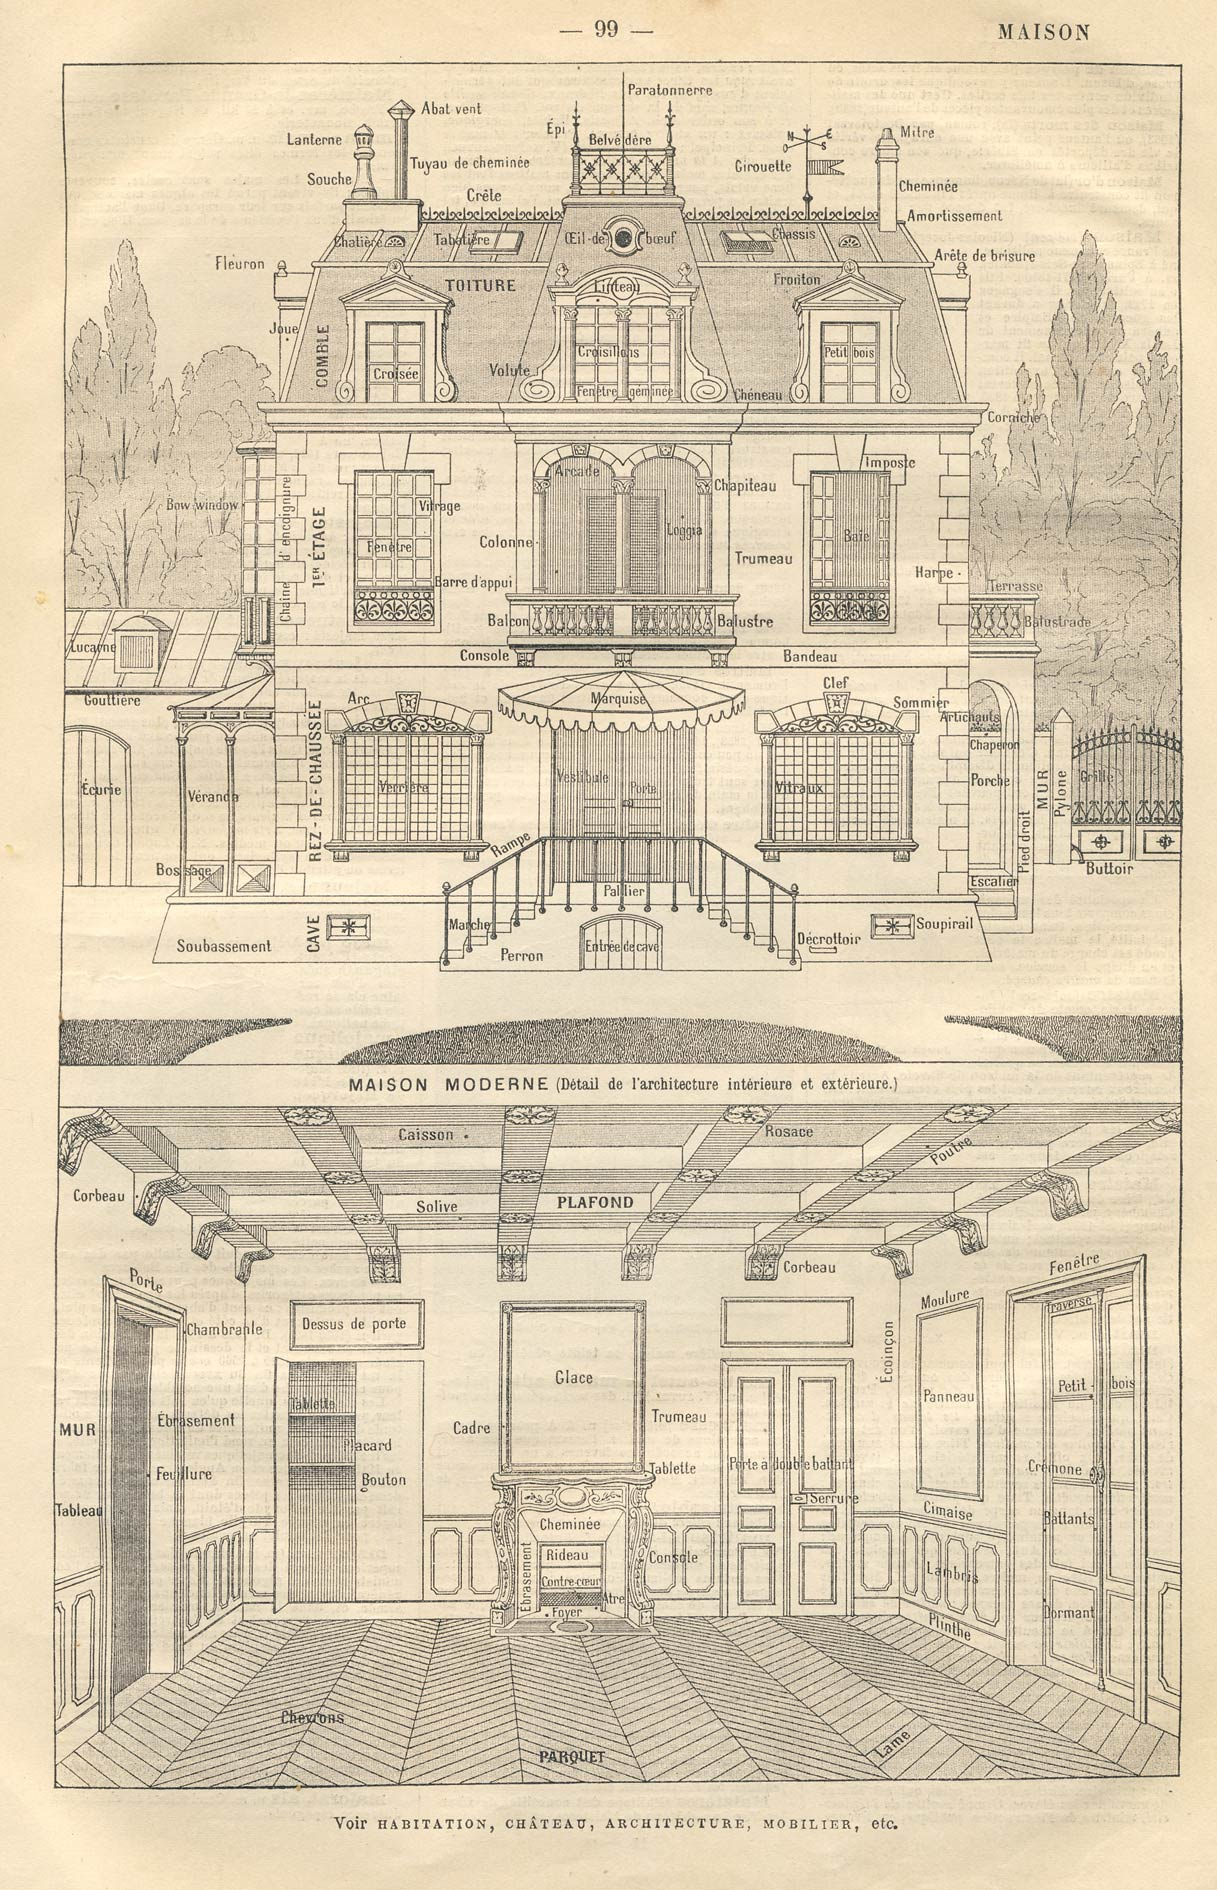 File:Maison-moderne-Larousse-1905.jpg - Wikimedia Commons